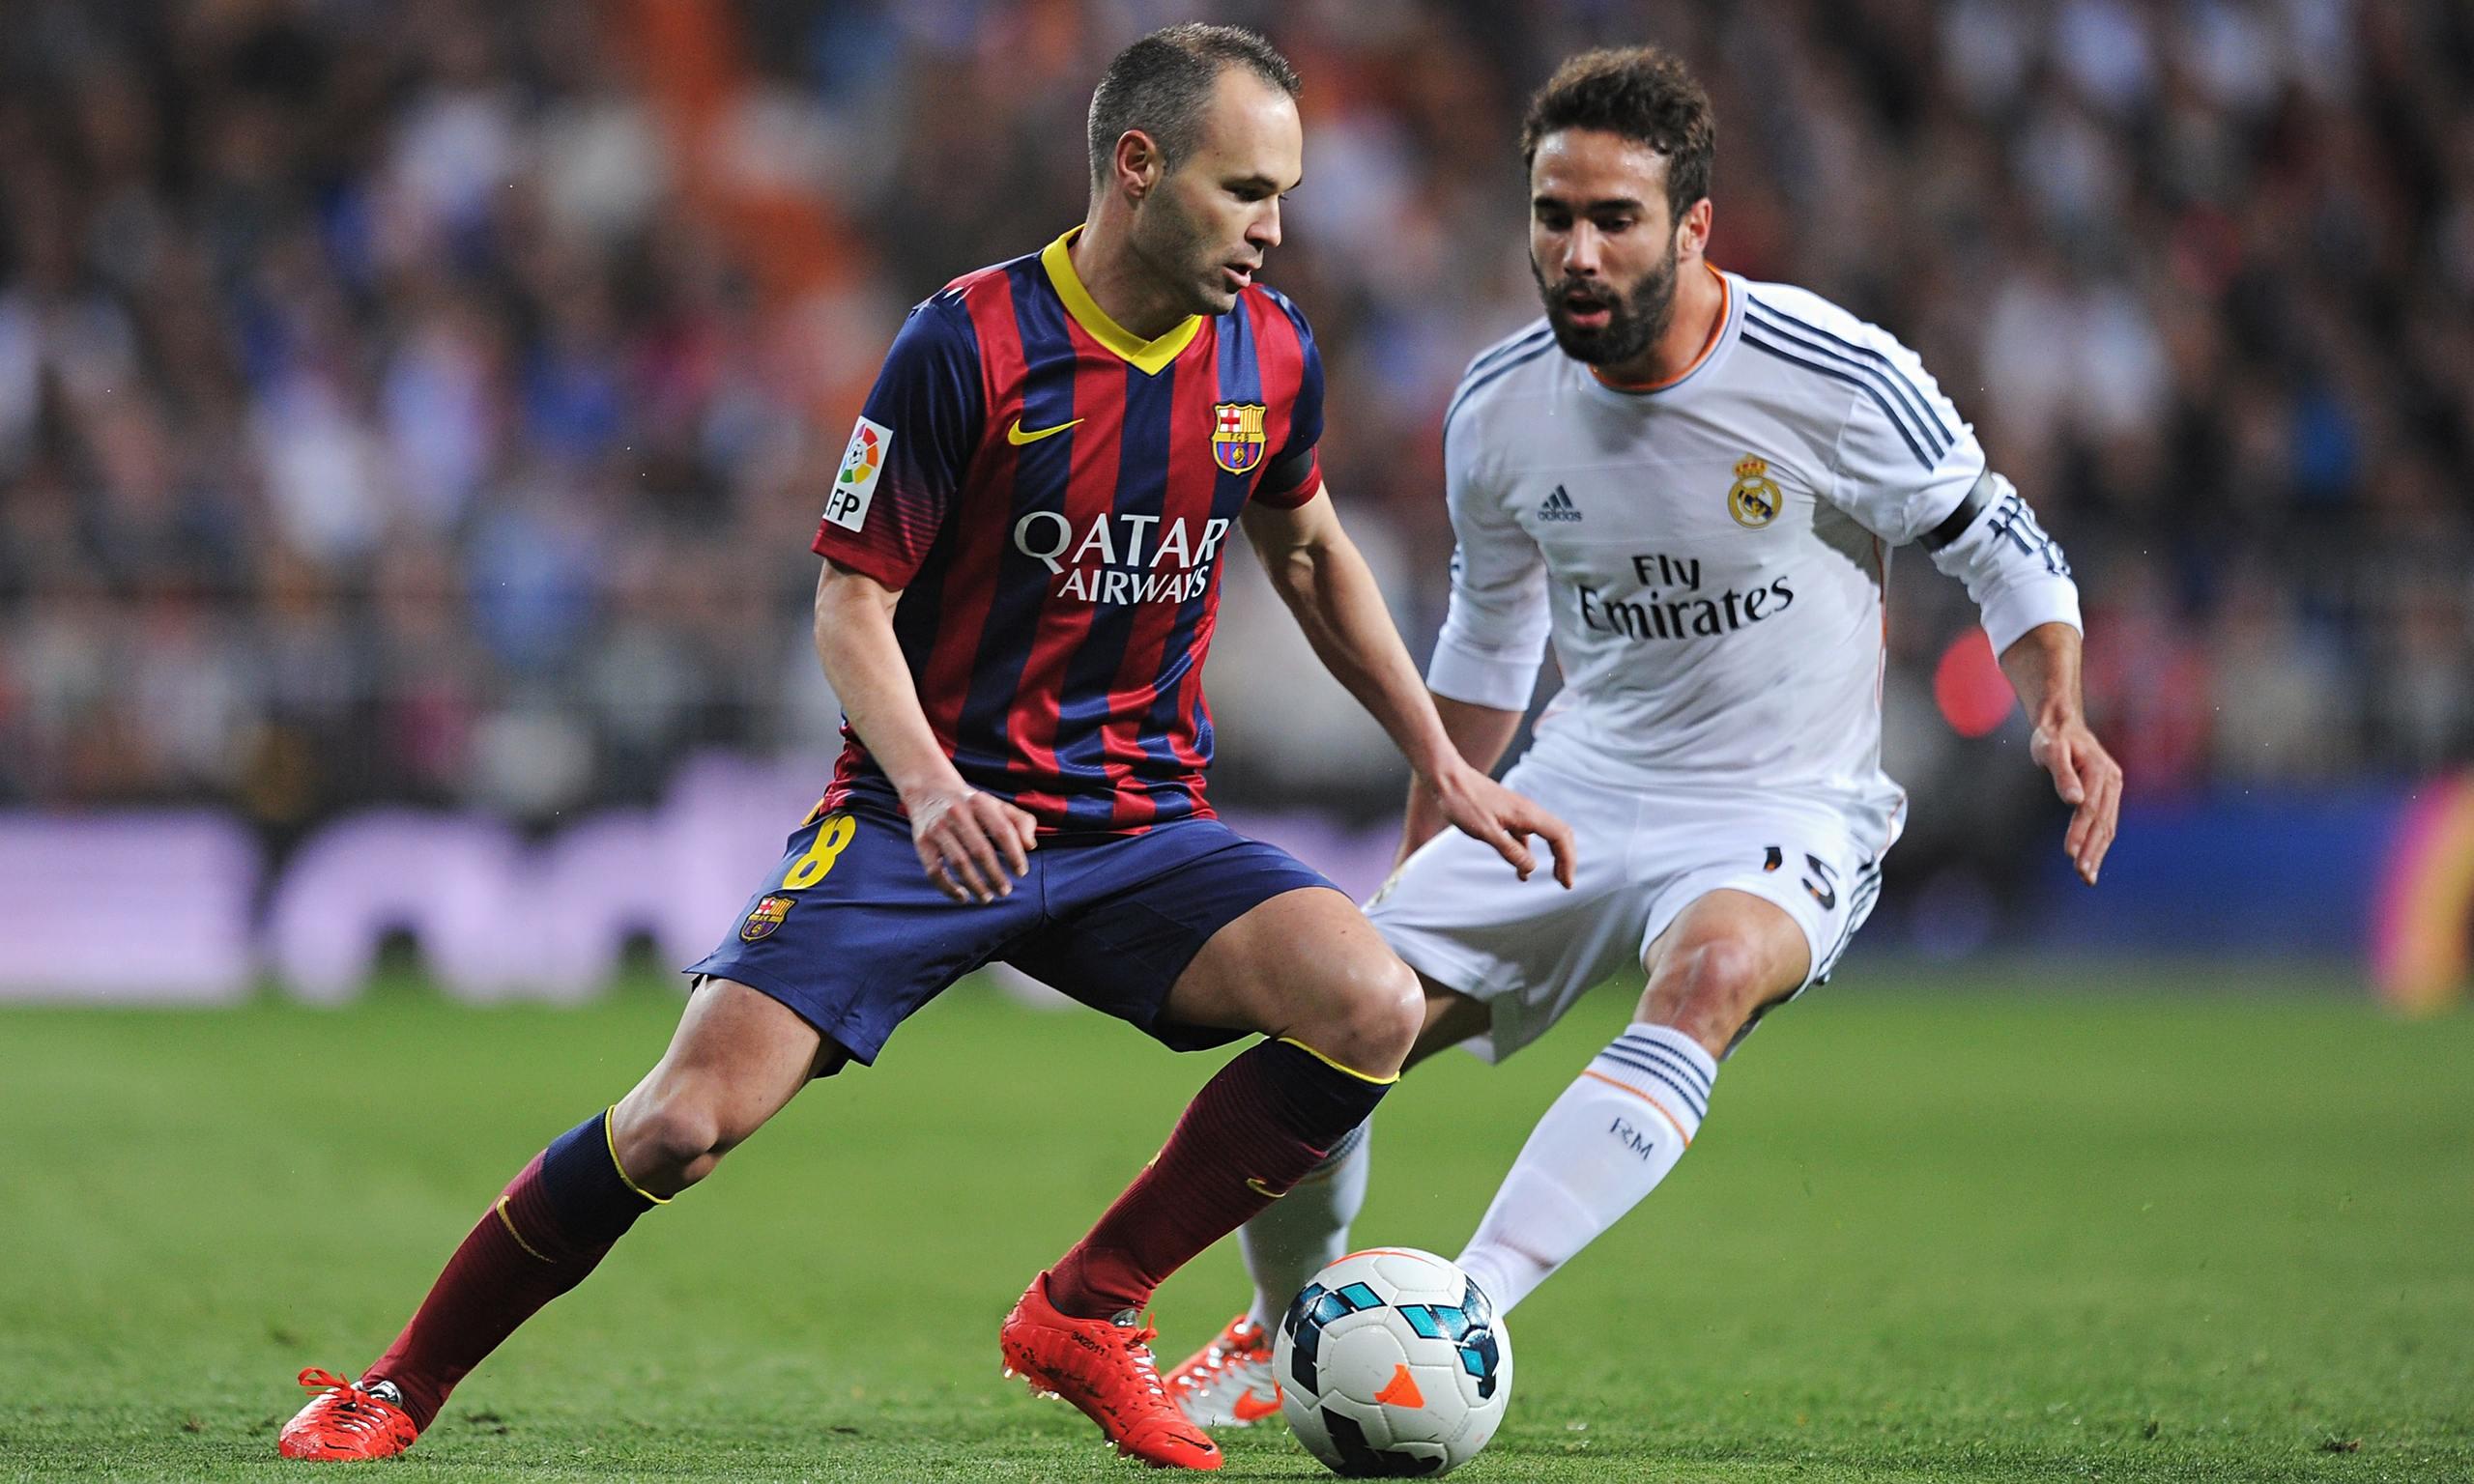 """يلا شوت: ملخص مباراة الكلاسيكو """"برشلونة وريال مدريد"""" امس 23-3-2015 قمة الكرة الأسبانية"""